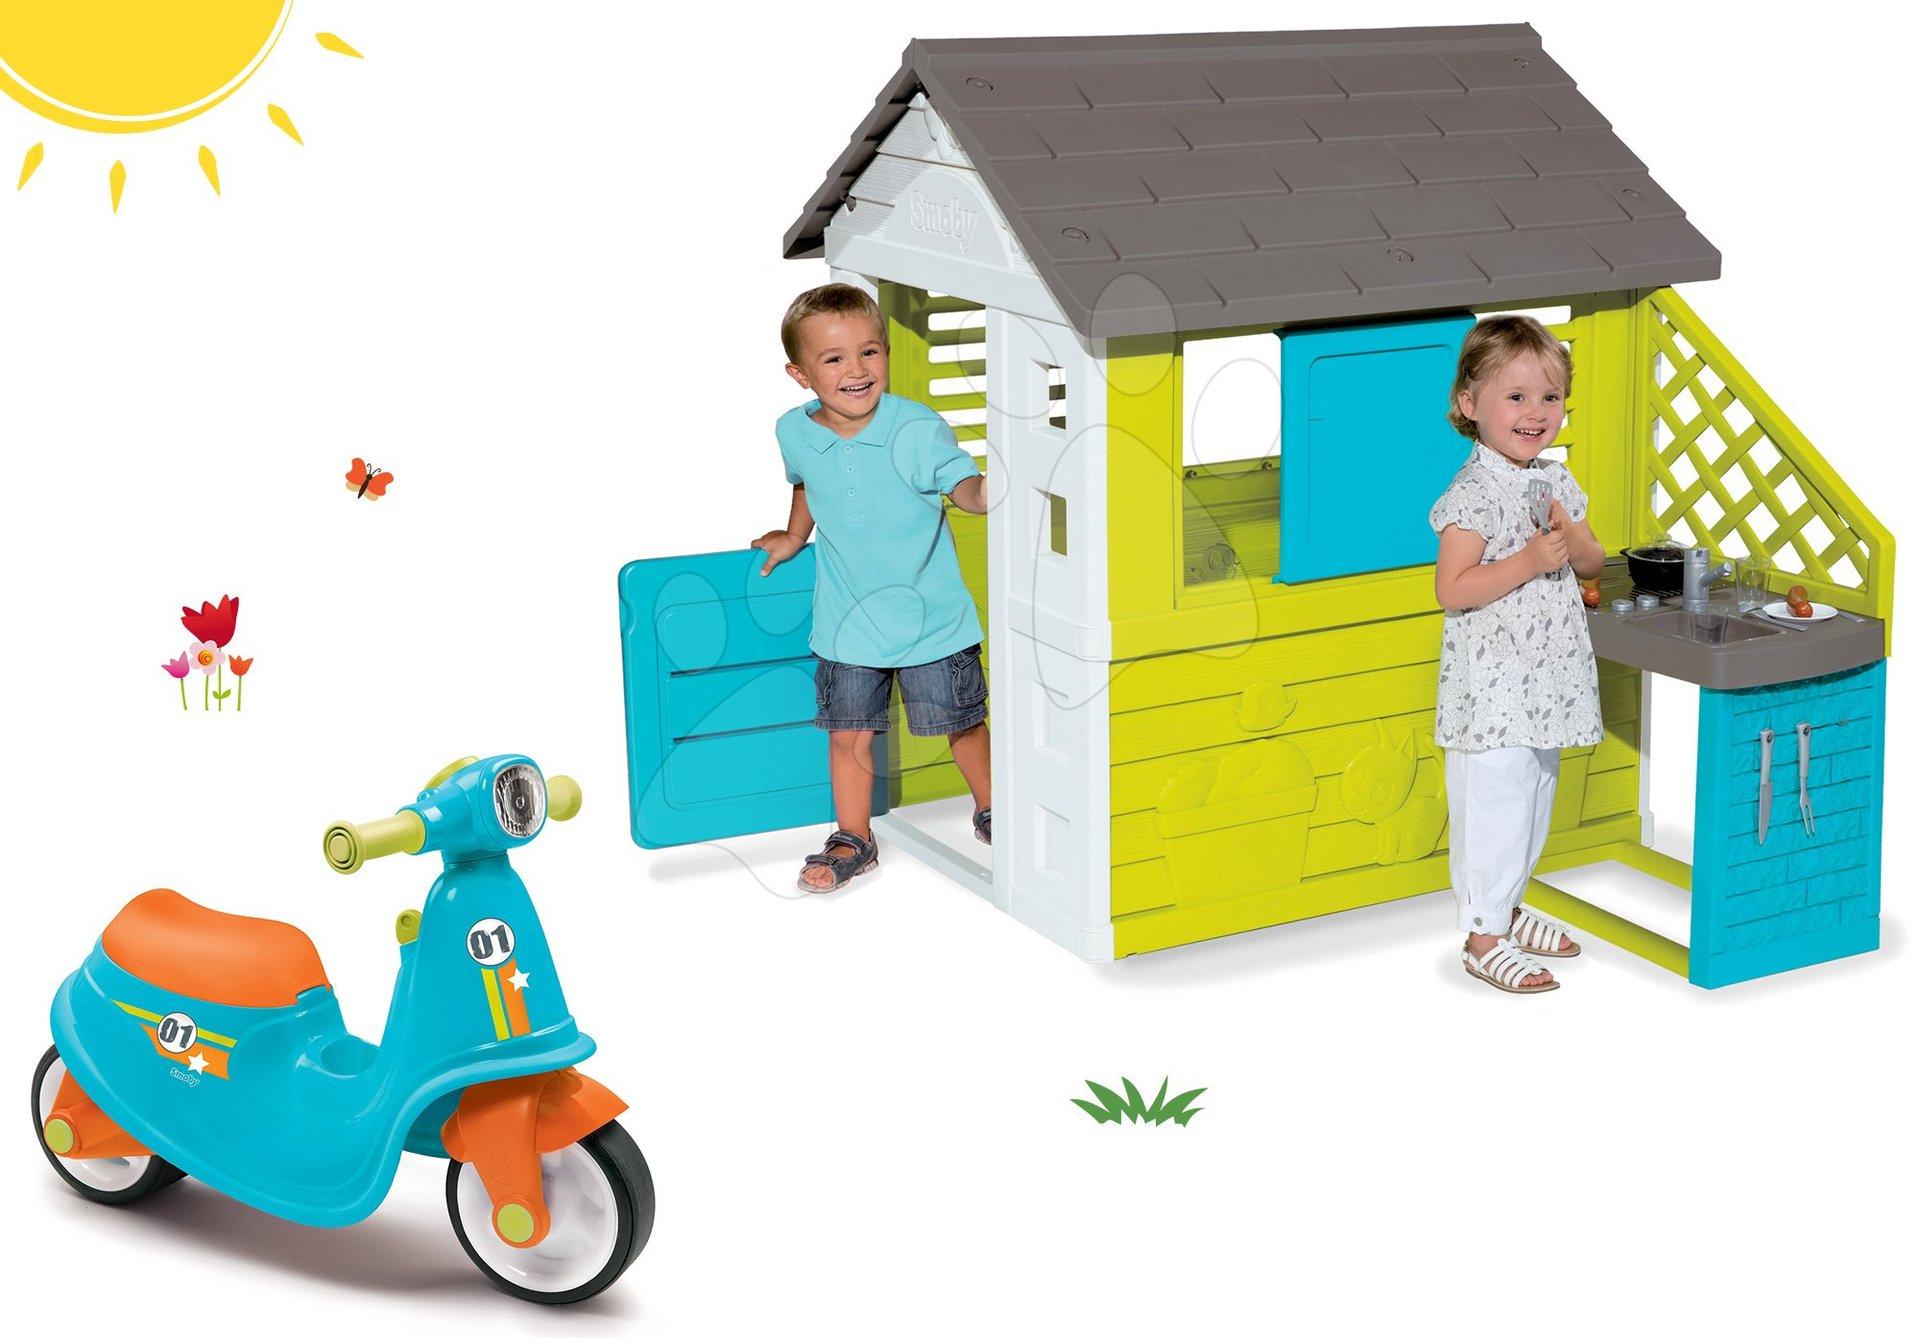 Smoby set detský domček Pretty Blue s letnou kuchynkou a odrážadlo Scooter Blue s gumenými kolesami 810703-38